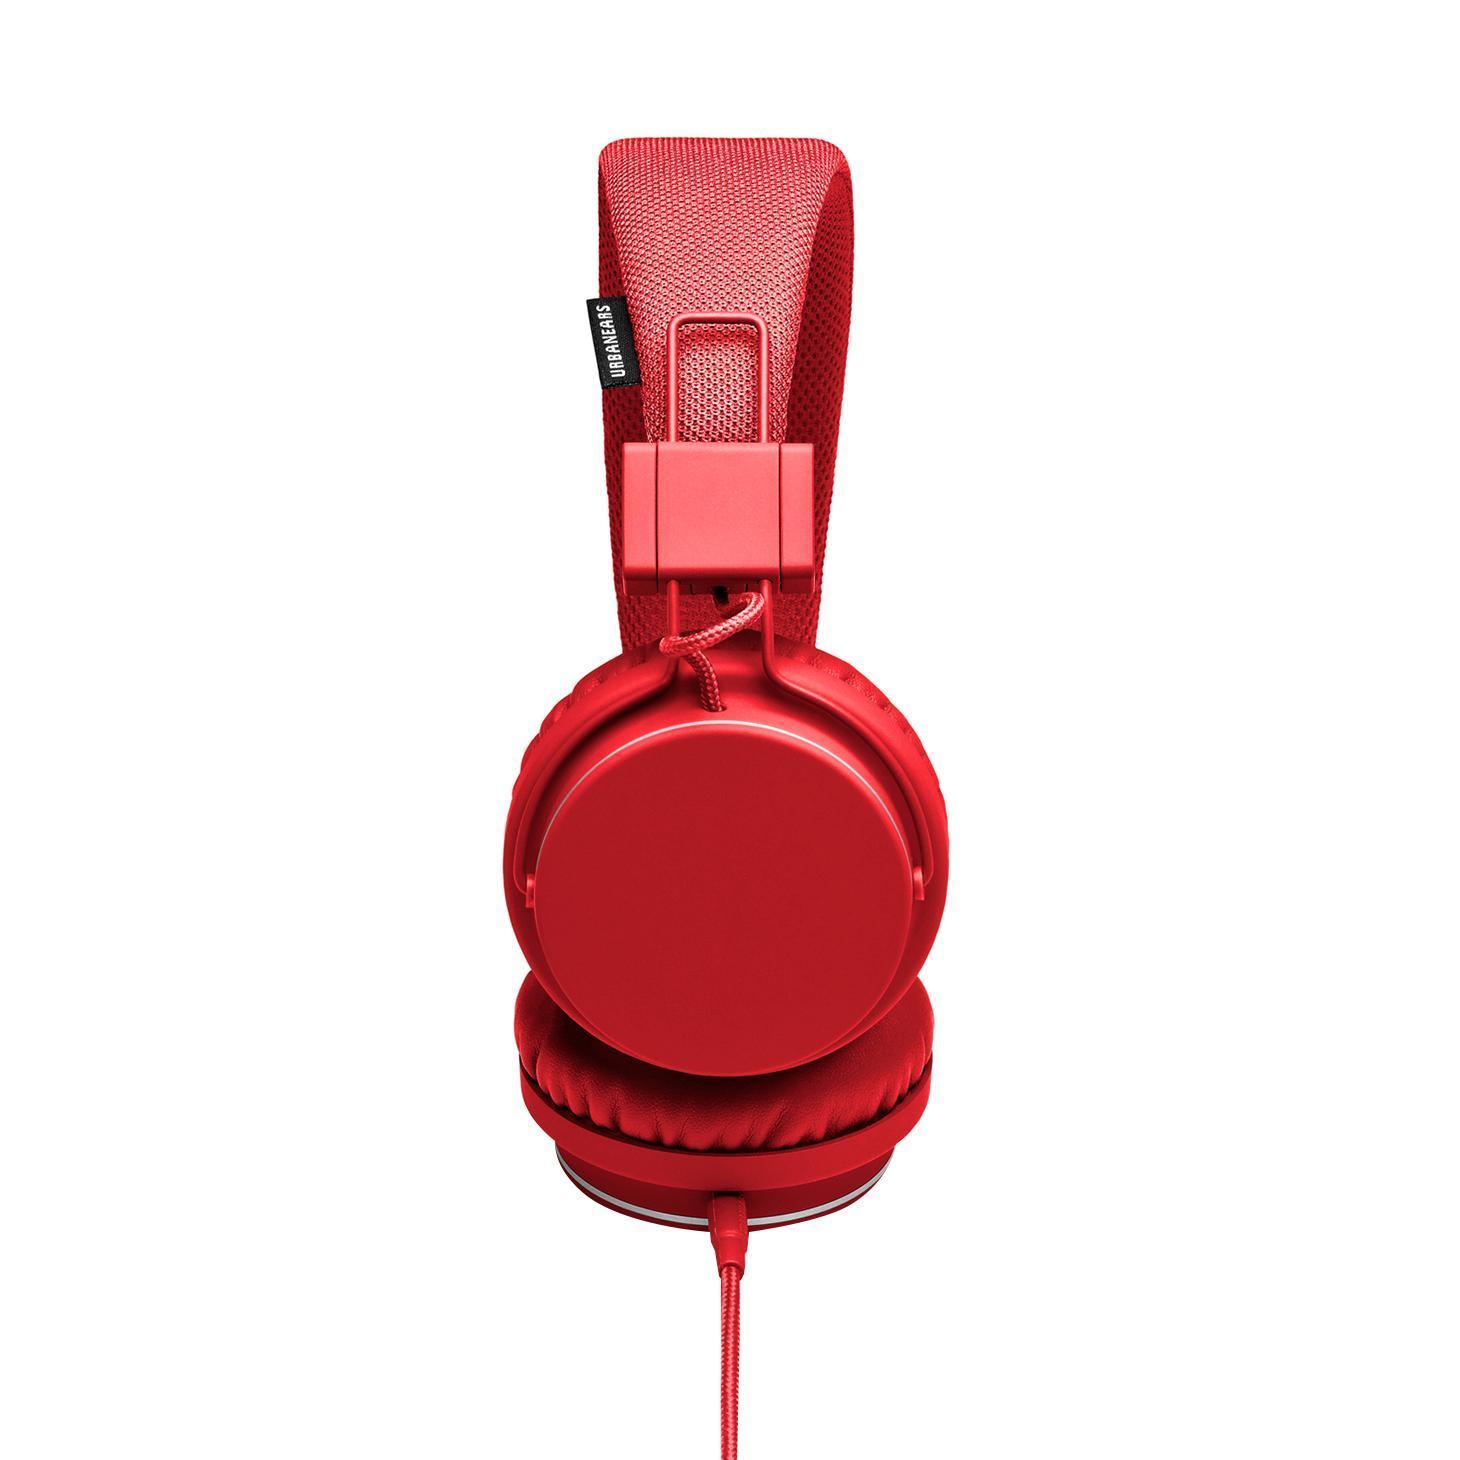 Urbanears Plattan, Tomato наушникиPlattan TomatoUrbanears Plattan Tomato Мониторные наушники с микрофоном закрытого типа поддержка iPhone/ импеданс 60 Ом /чувствительность 115 дБ / диаметр мембраны 40 мм/ разъем mini jack 3.5 mm /длина провода 1.2 м Urbanears Plattan Tomato Накладные наушники Urbanears Plattan выпускаются в широкой гамме ярких расцветок и обладают высоким качеством изготовления. Стоит заметить, что наушники полностью окрашены в один цвет, включая кабель и корпус соединительного разъема, что кроме всего прочего делает их весьма стильным аксессуаром. Конструкция стереотелефонов очень проста, но в то же время хорошо продумана и вполне надежна. Мягкие подушки амбушюров из искусственной кожи вполне комфортно прилегают к ушам, и, благодаря тому, что наушники закрытые, обеспечивают хорошую шумоизоляцию. Наушники Urbanears Plattan оснащены динамическими излучателями диаметром 40 мм, которые имеют 60-омный импеданс. Простые держатели чашек позволяют сложить их внутрь...